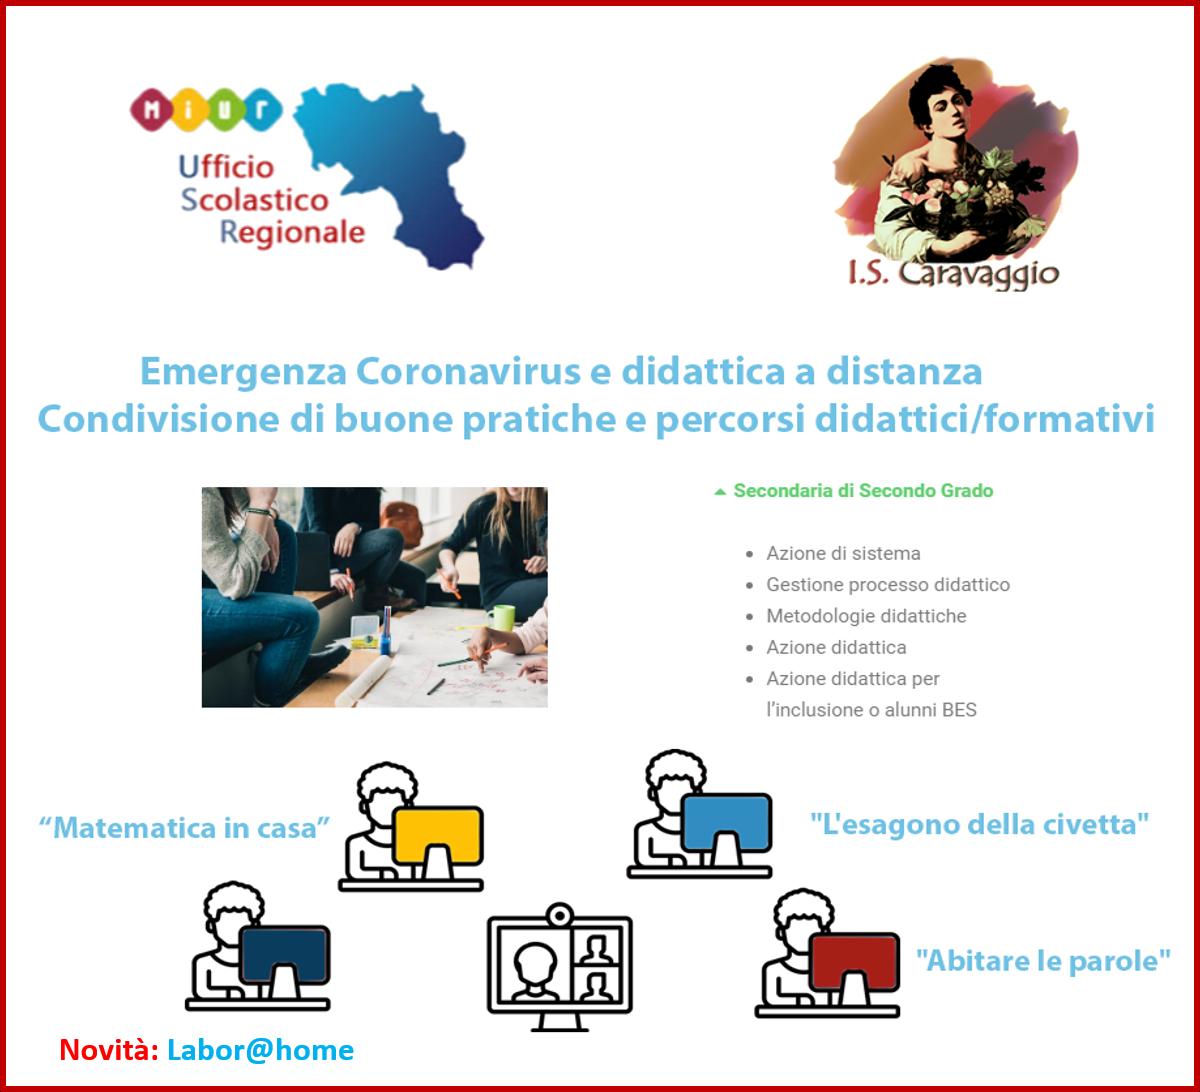 Emergenza Coronavirus e didattica a distanza - Condivisione di buone pratiche e percorsi didattici/f [..]